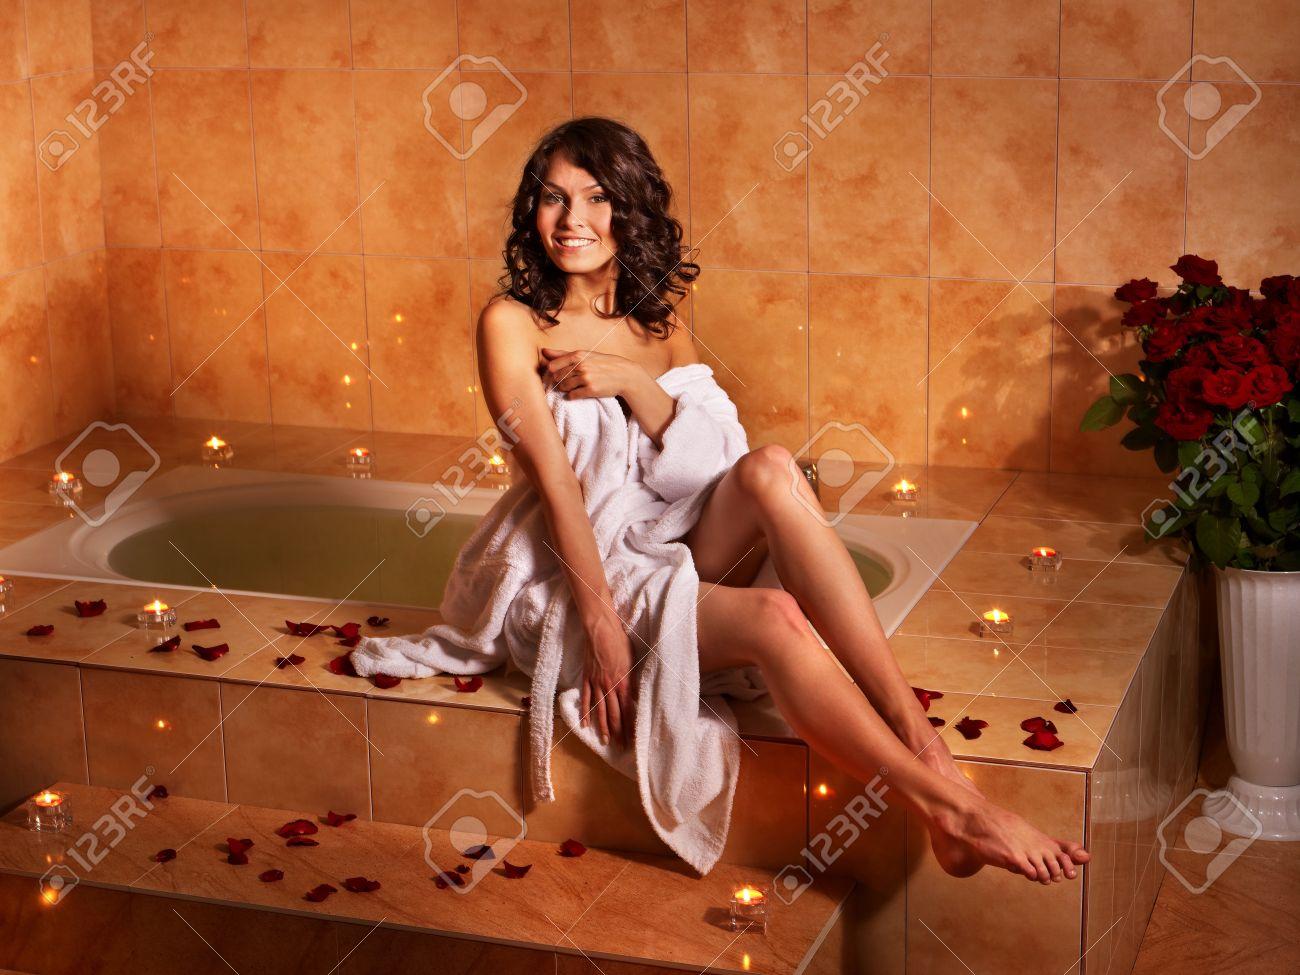 Фото девушки после ванны в халате 5 фотография